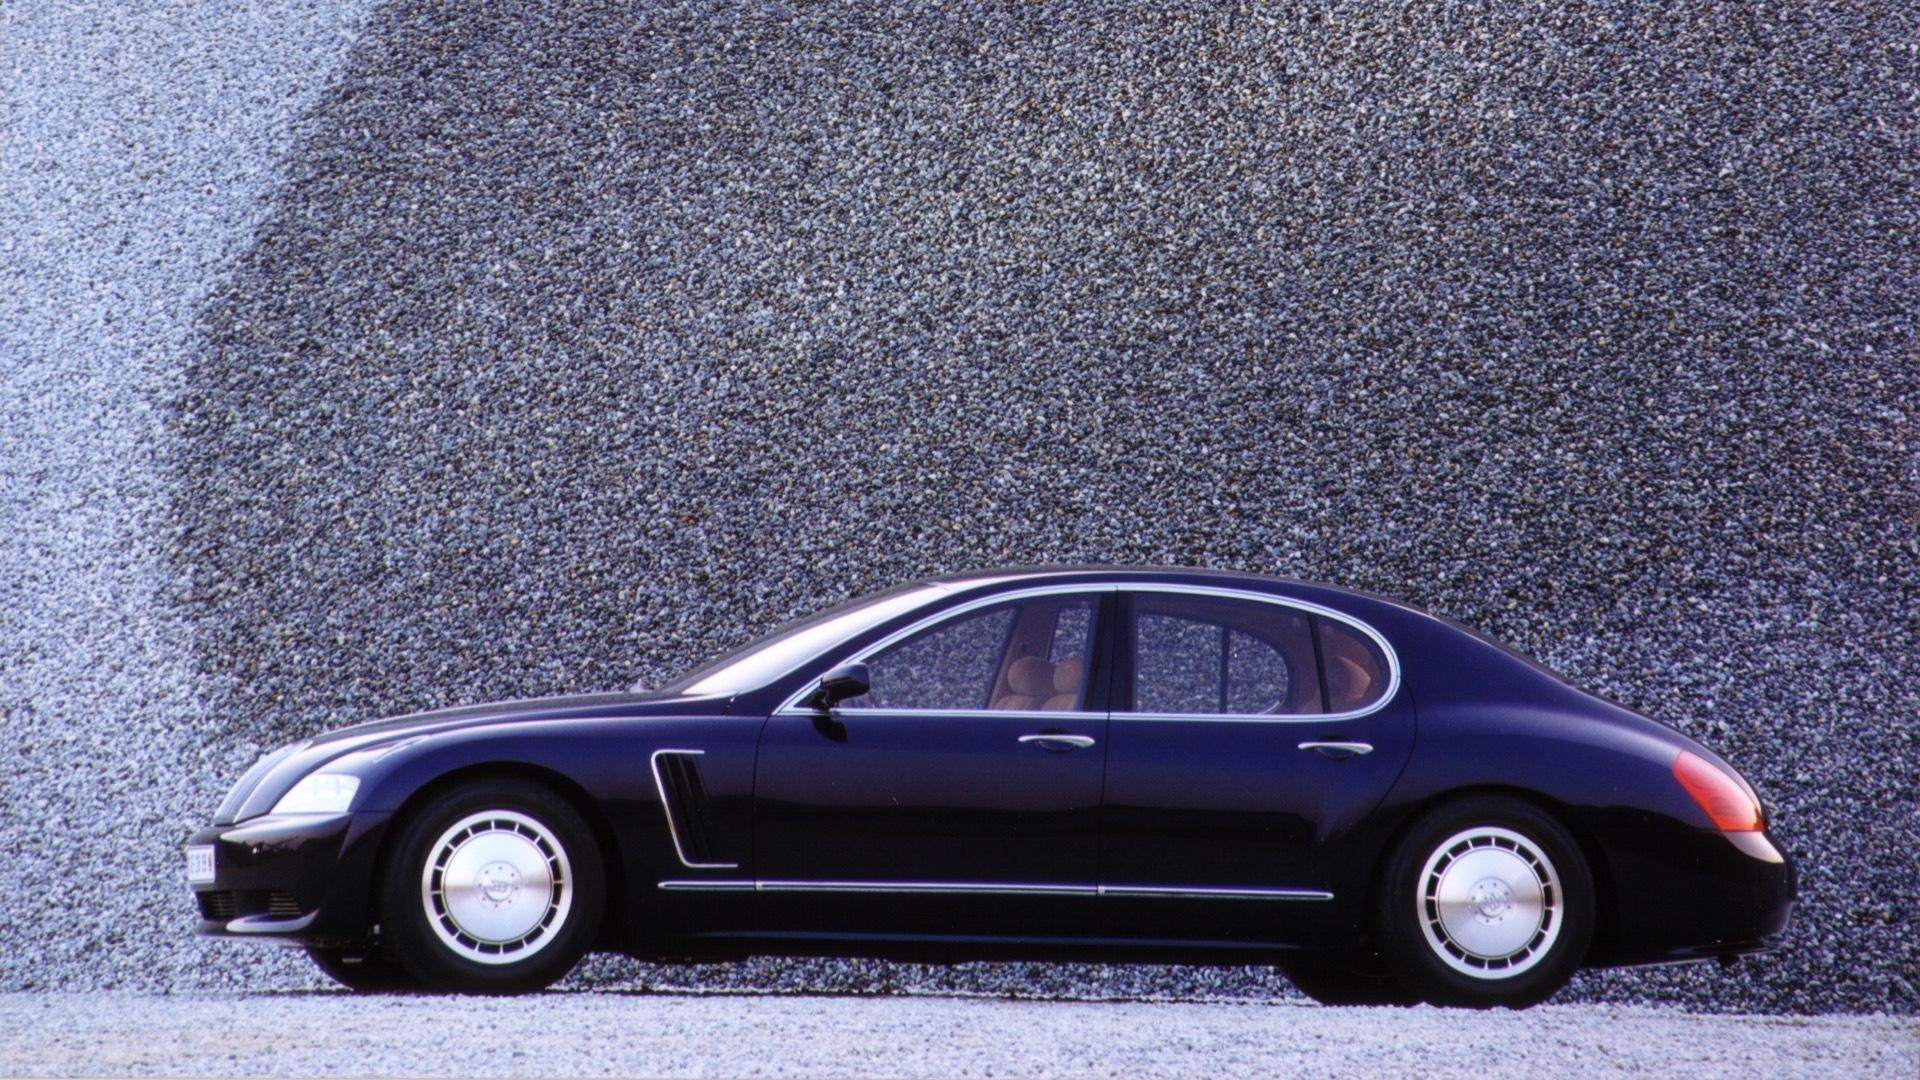 1998 Bugatti EB 218 concept